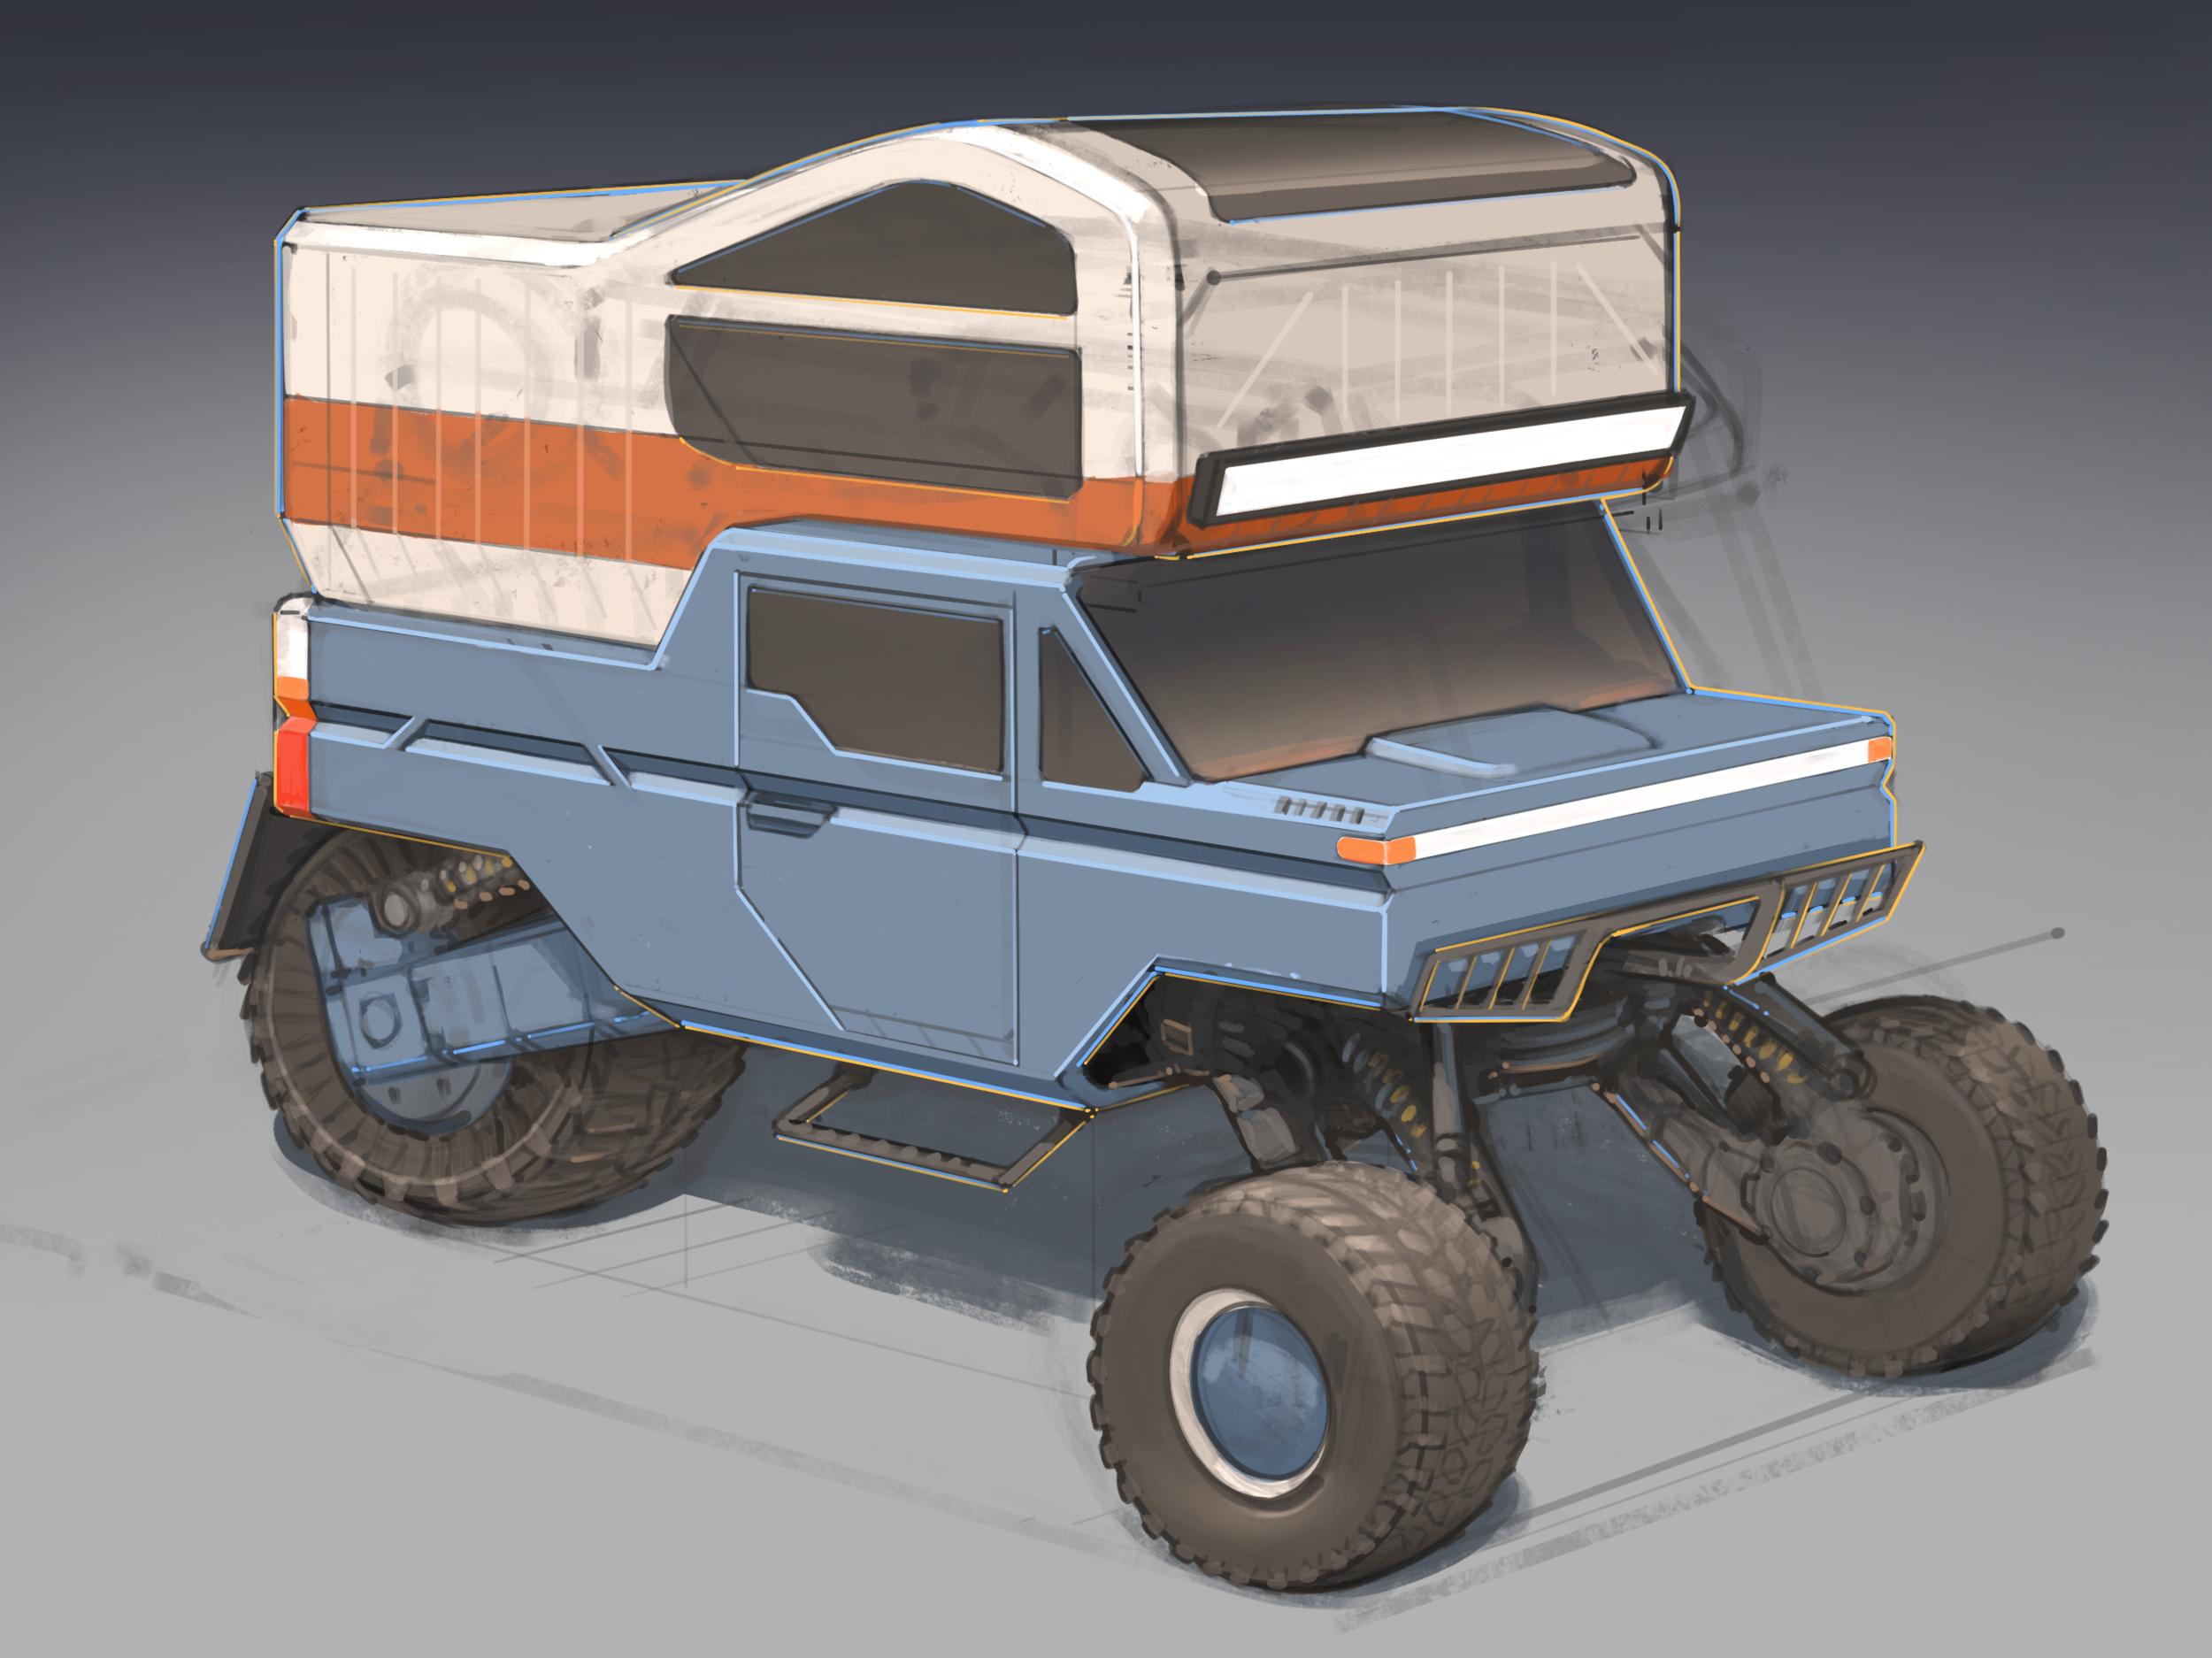 16 - Camper Trike